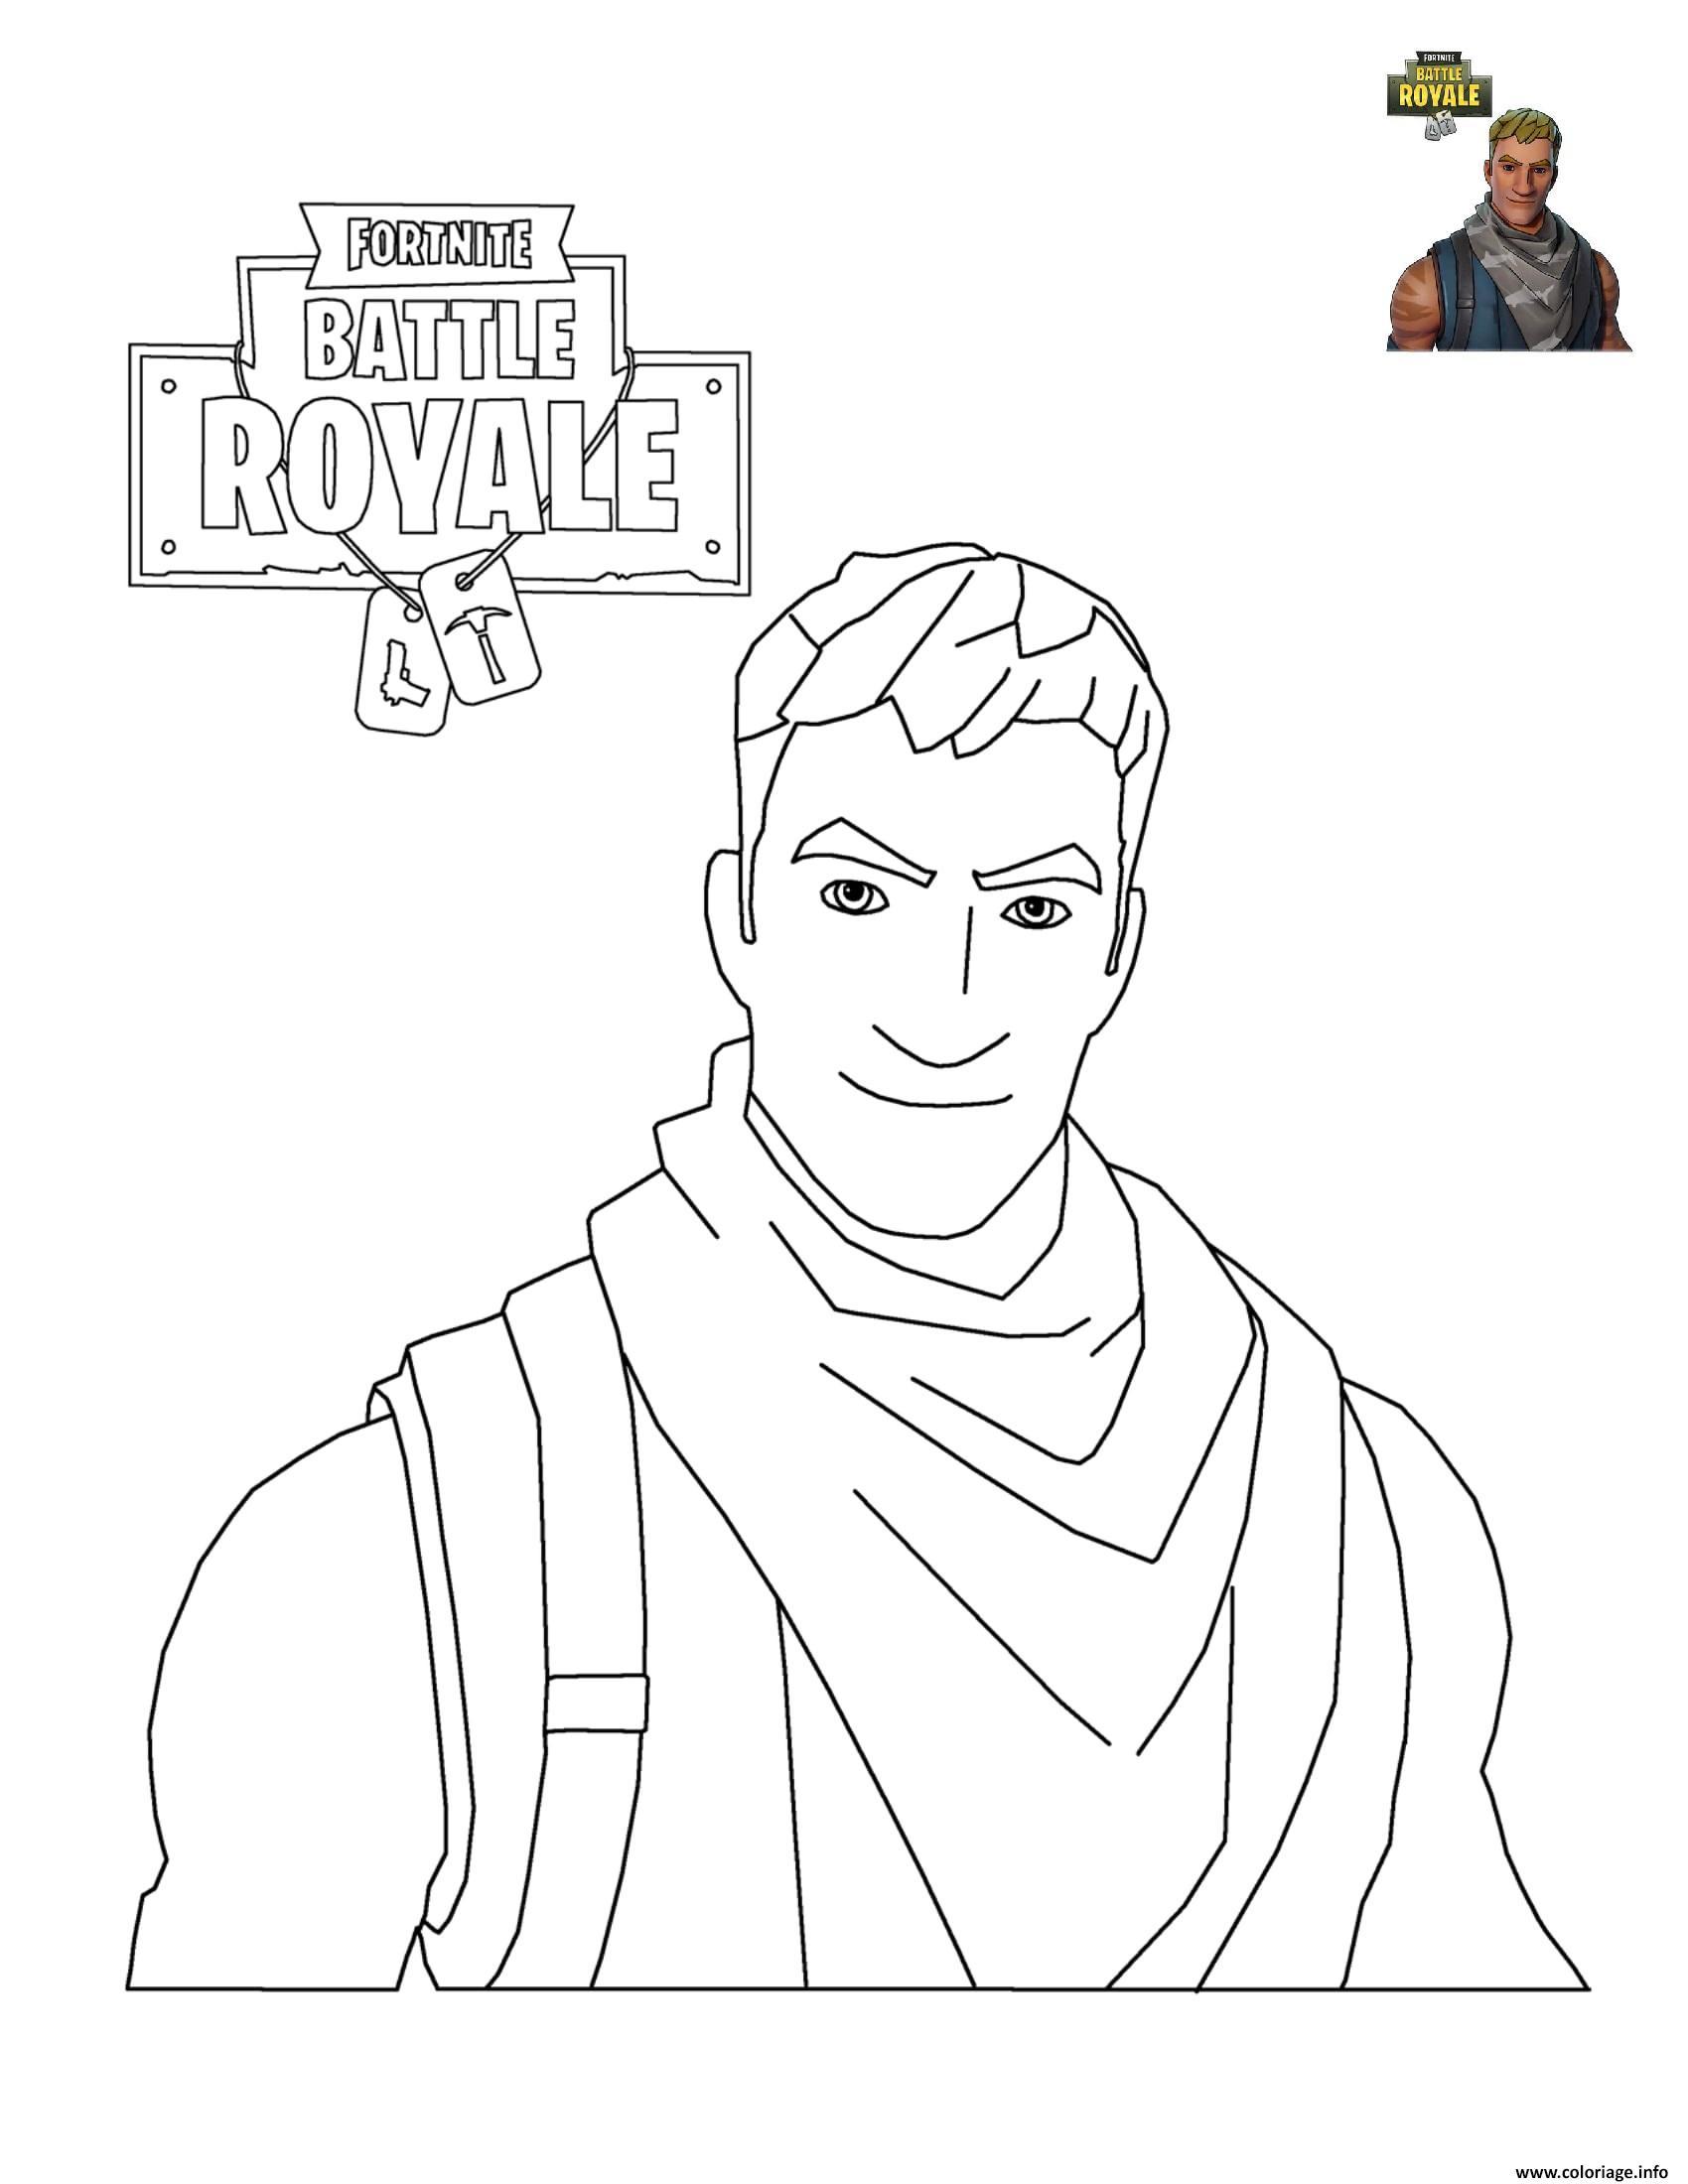 Coloriage Fortnite Battle Royale Personnage 3 Dessin avec Personnage A Colorier